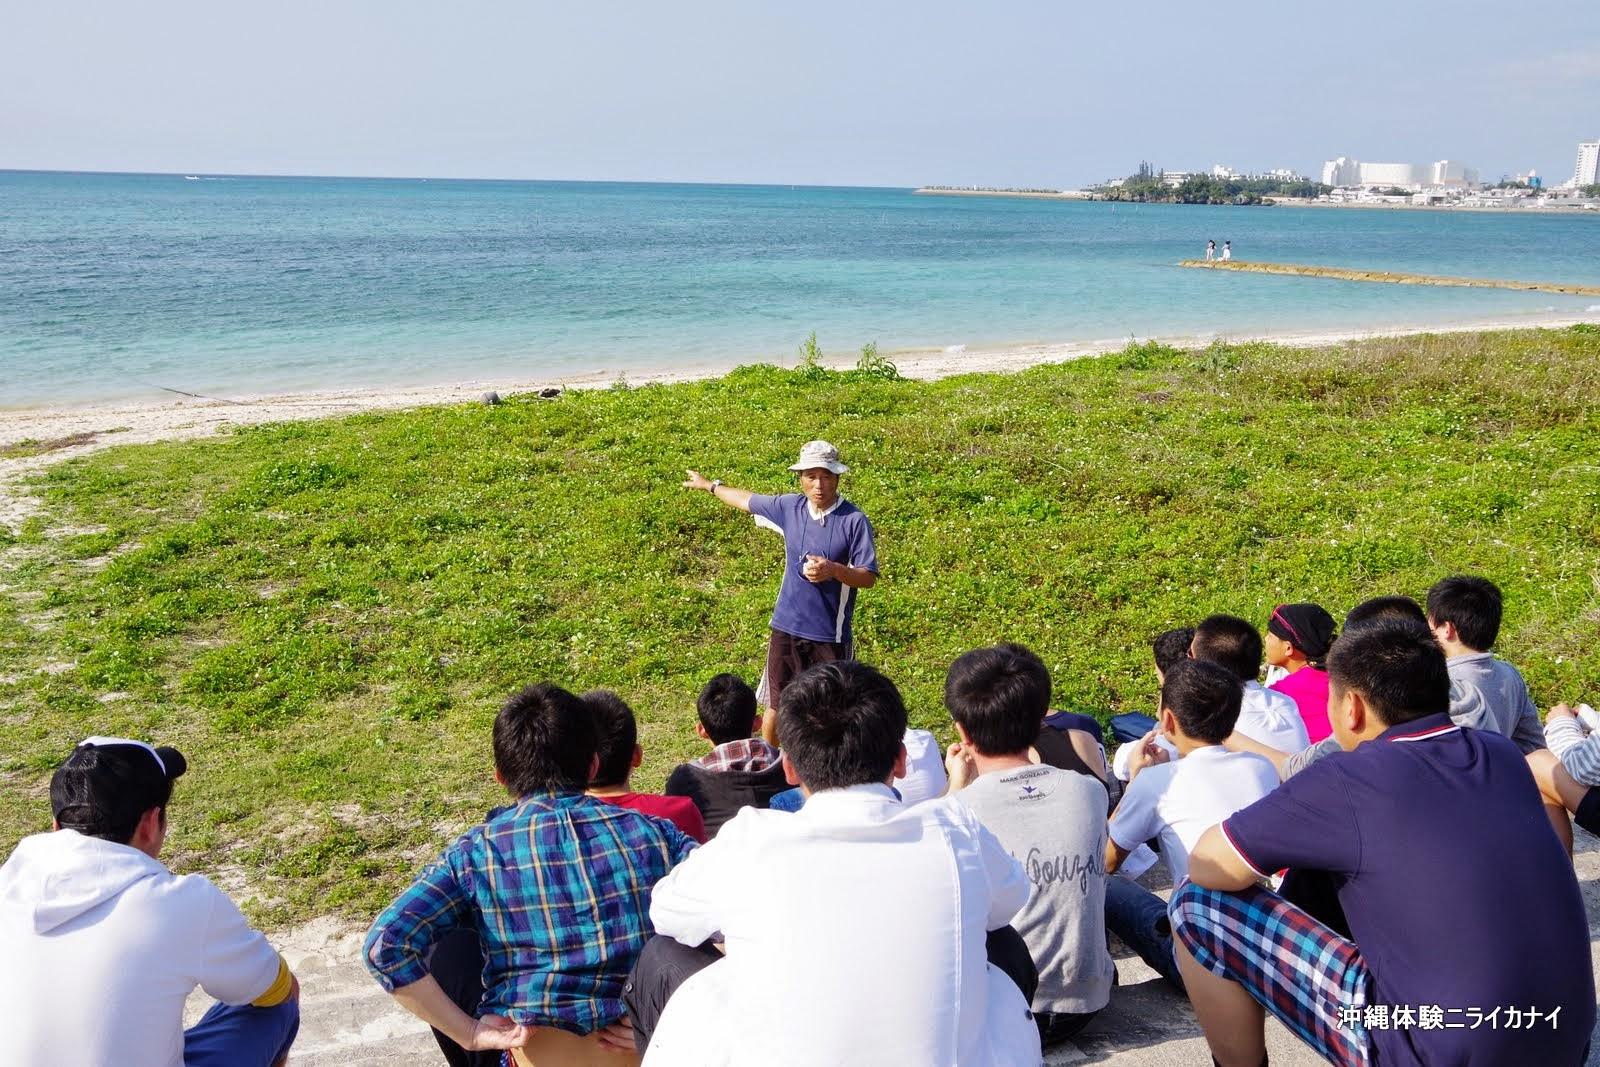 沖縄体験/観光ビーチ探検